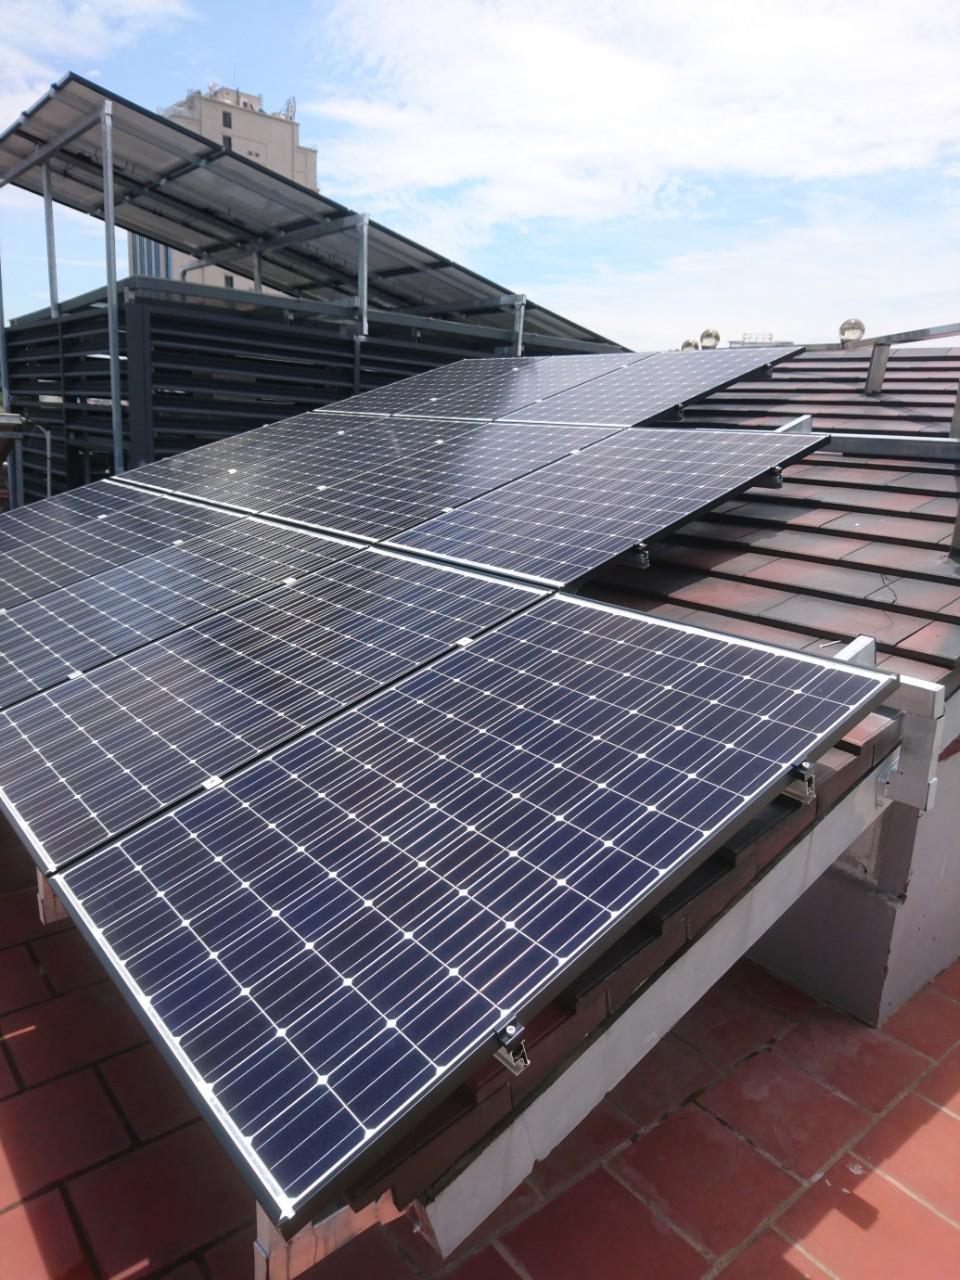 Khó giảm giá điện để hỗ trợ người dân vì dịch Covid-19